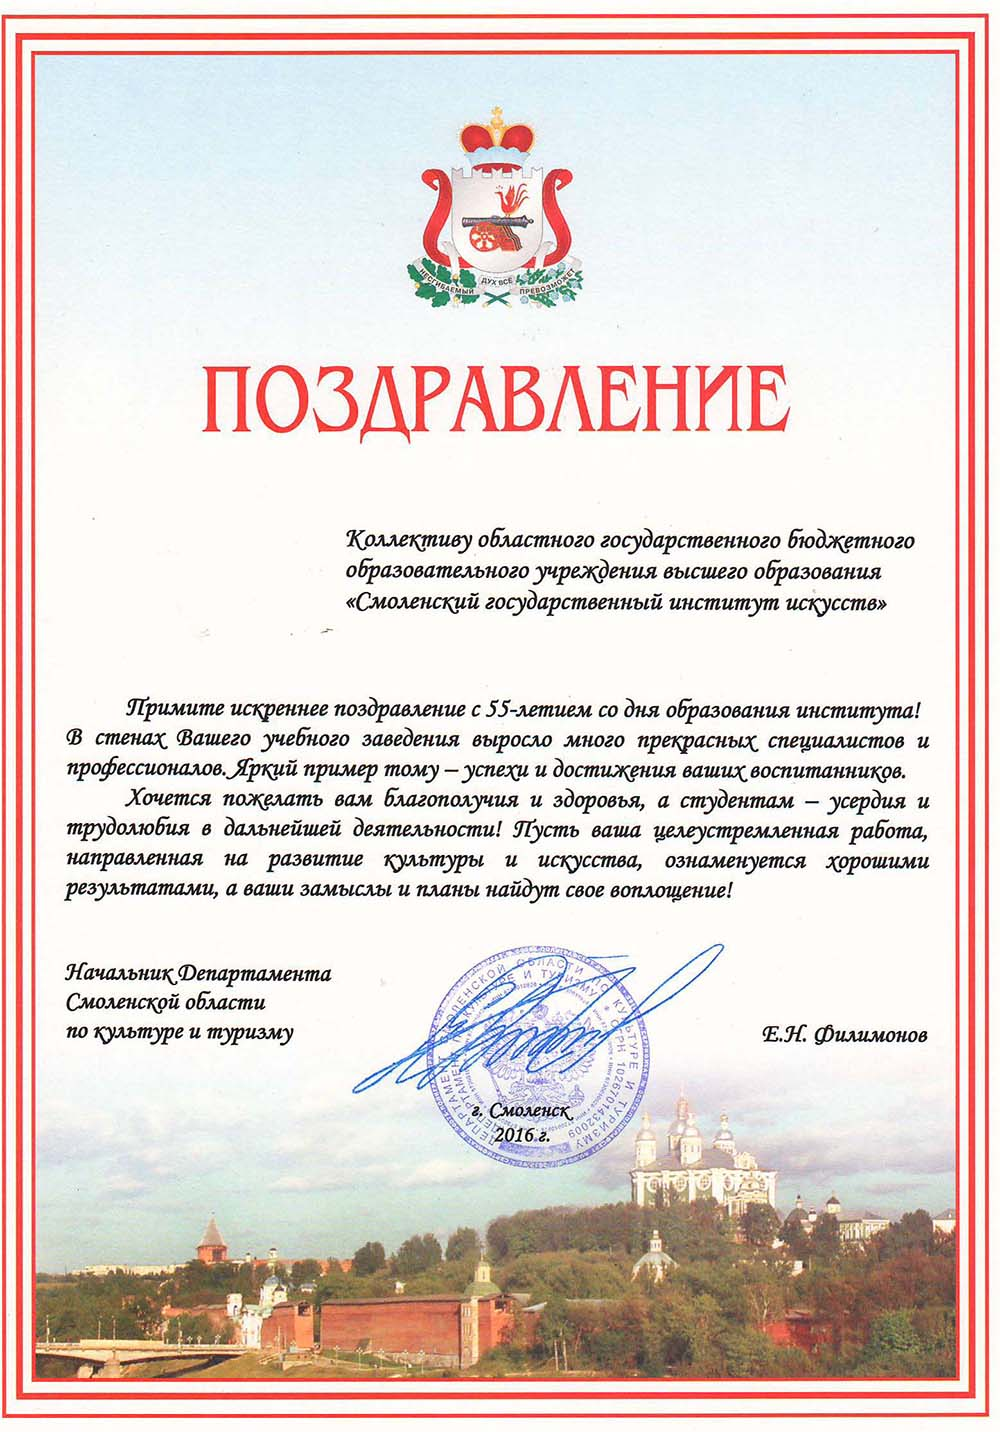 Поздравления институту образования с юбилеем